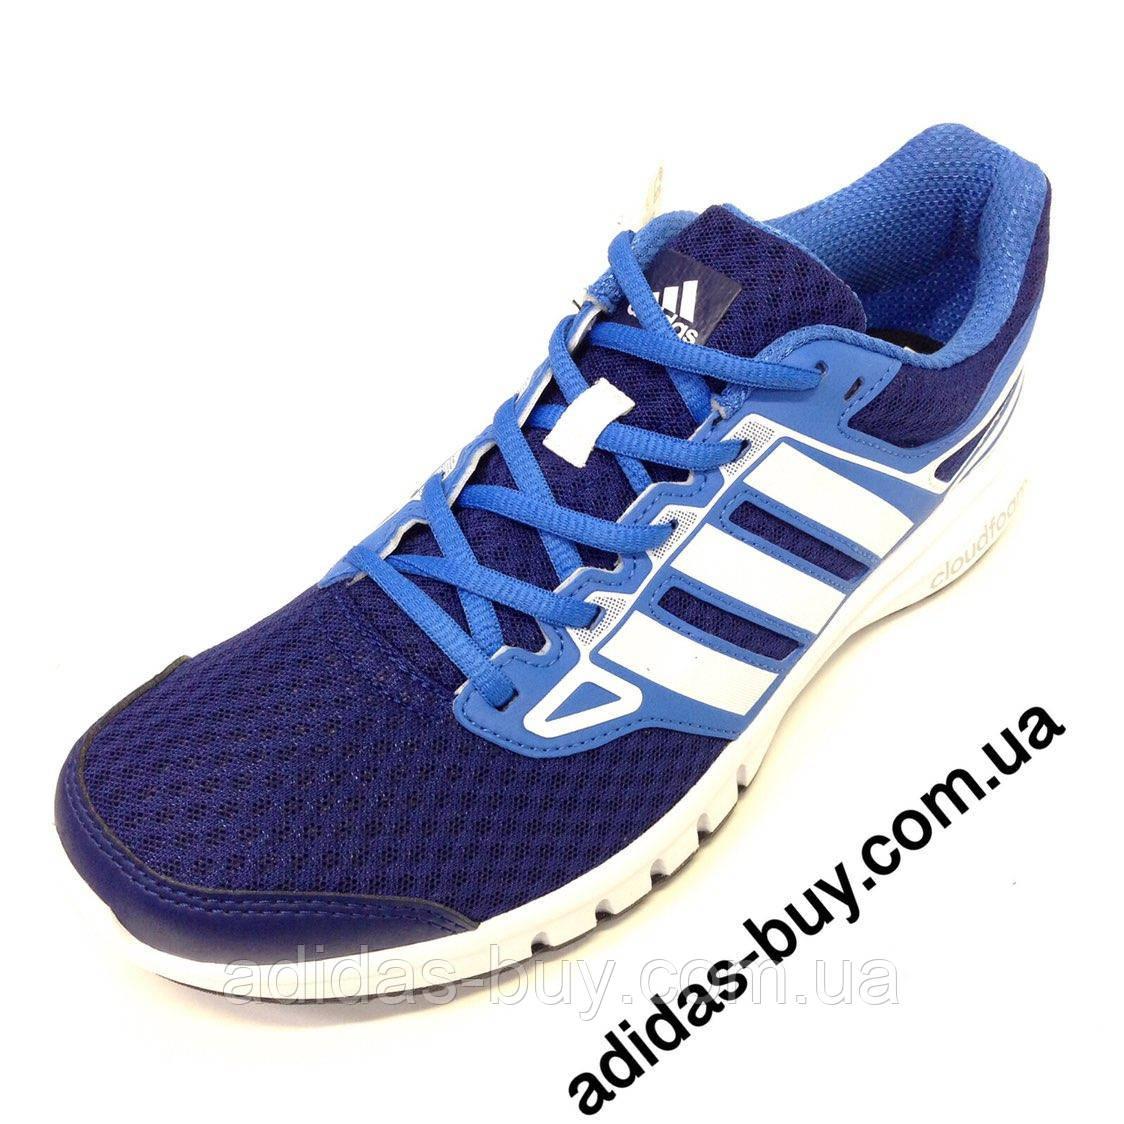 77966333 Мужские кроссовки adidas GALACTIC ELITE BB0596 оригинальные 43 размер -  ORIGINAL SHOES (магазин спортивной одежды